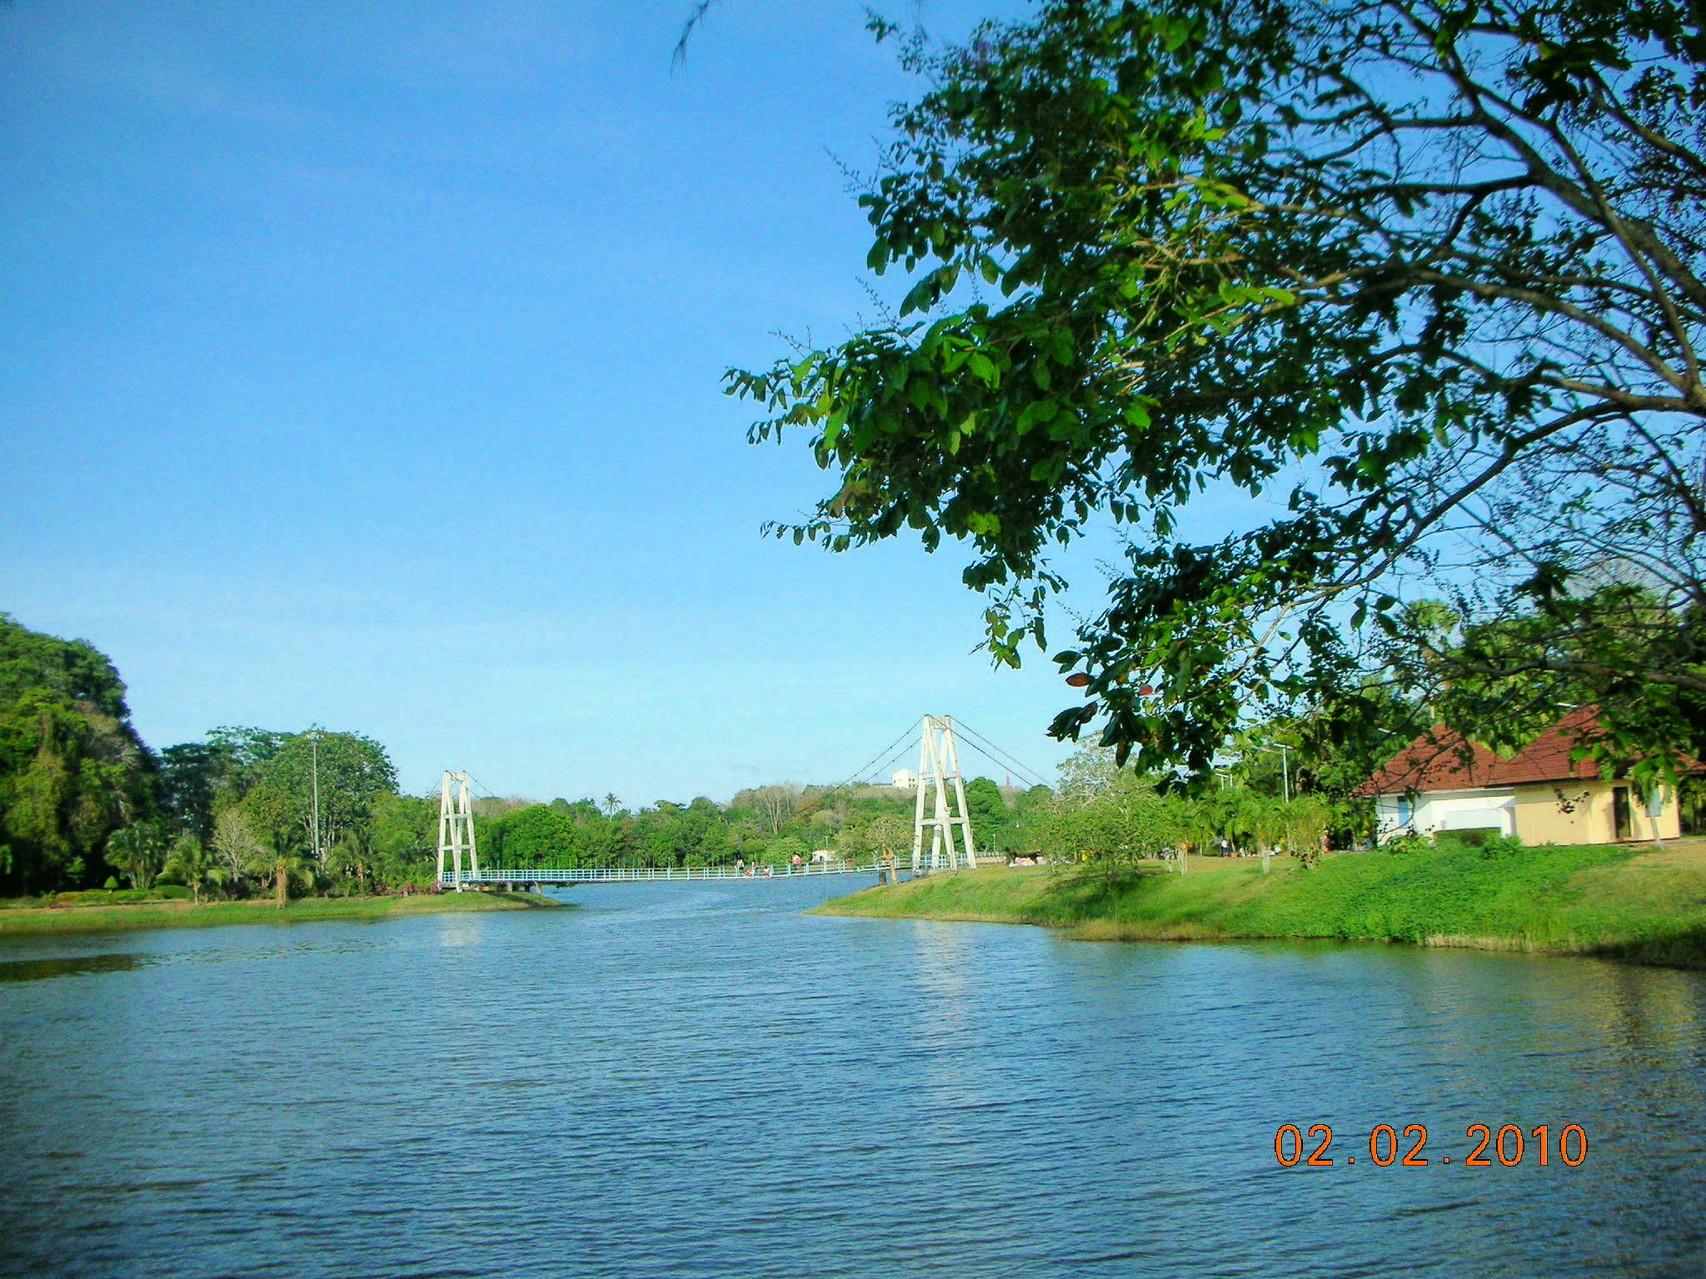 Dieser Park befindet sich in Trang Stadt und lädt gegen Abend zum Sport treiben oder flanieren ein